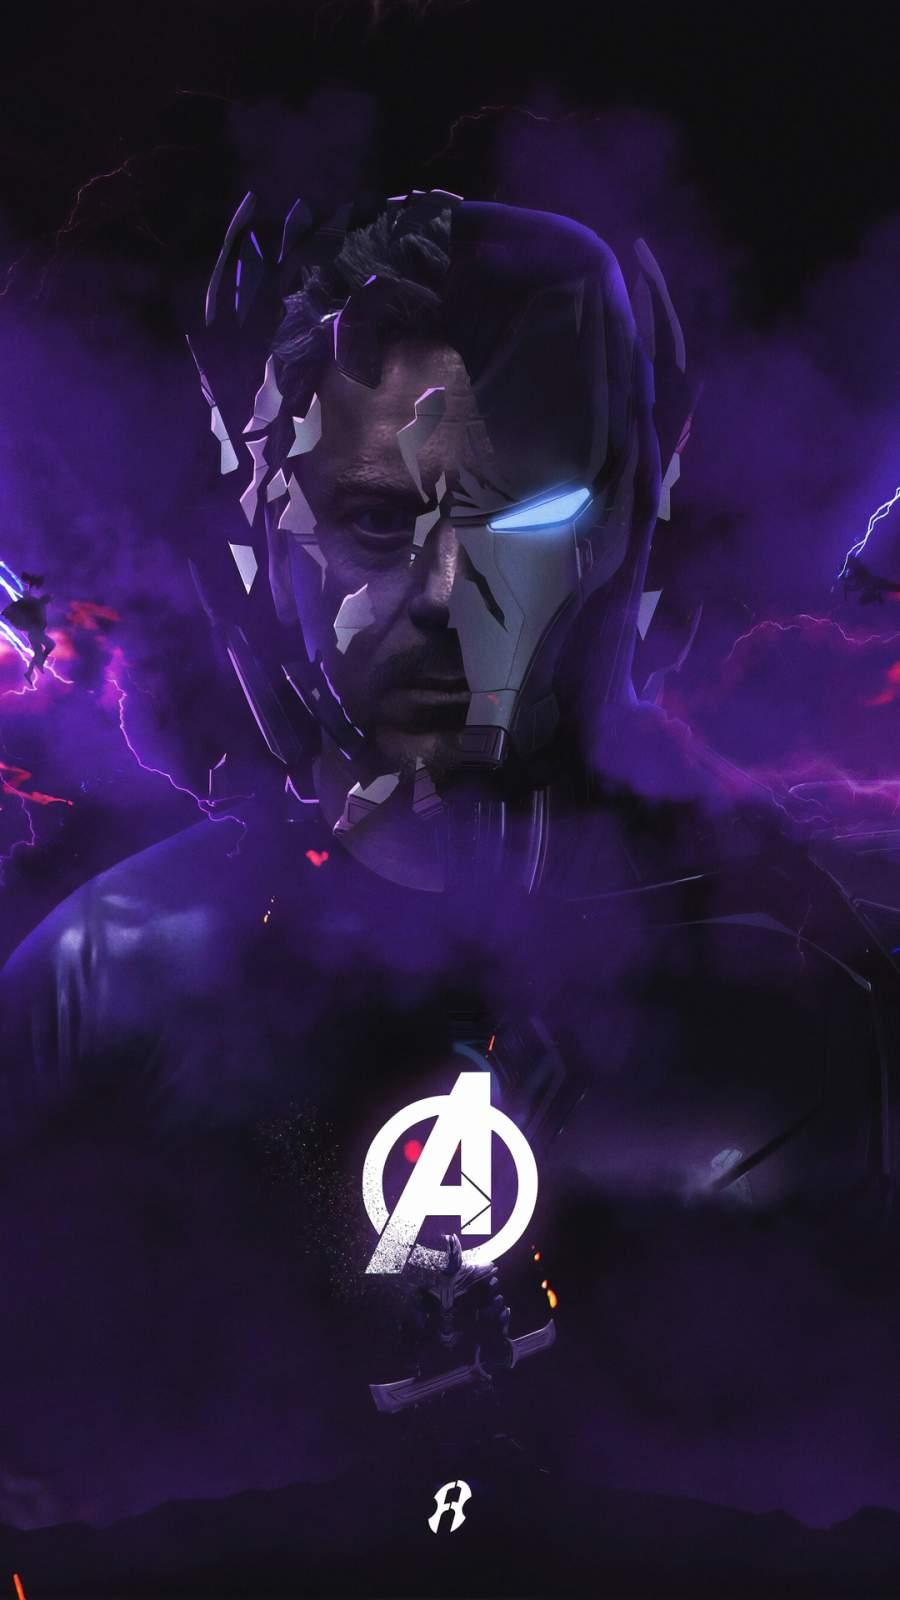 Iron Man Endgame iPhone Wallpaper